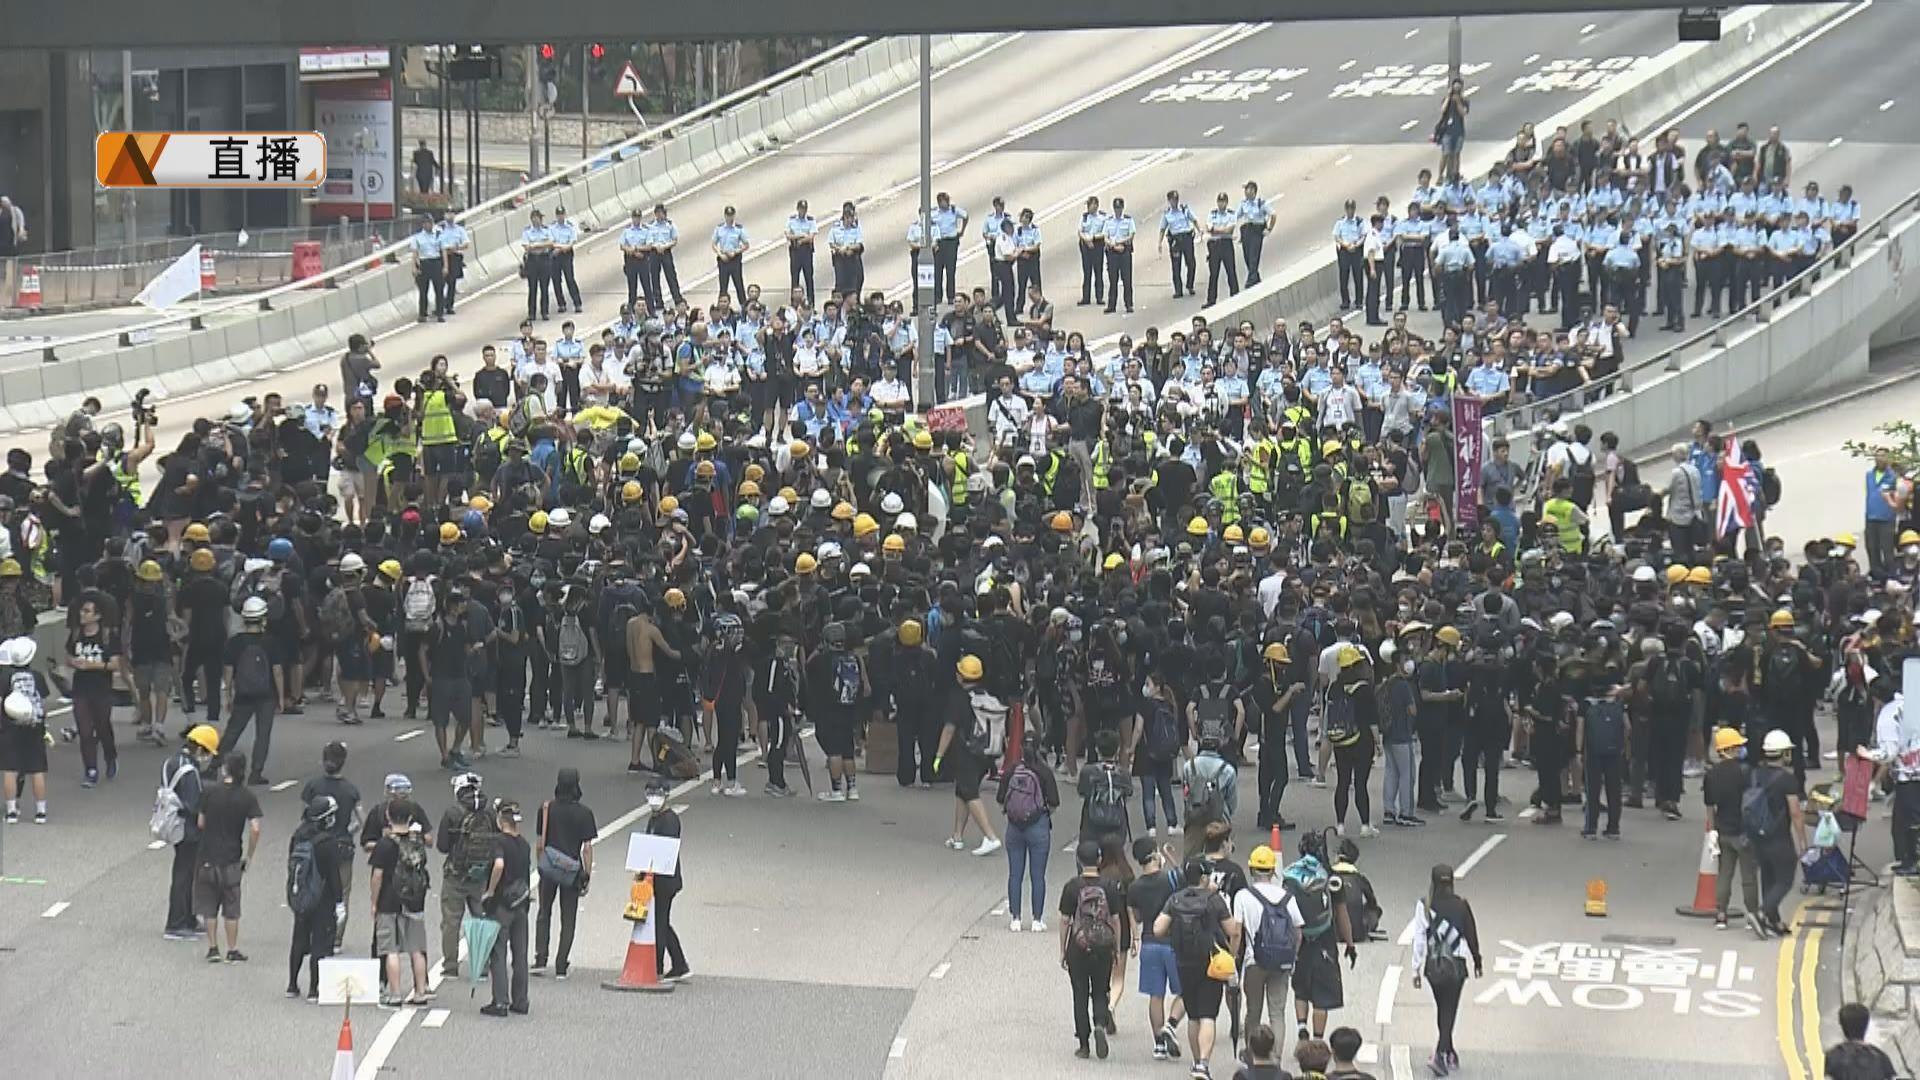 【最新】談判專家到場籲示威者自行離開